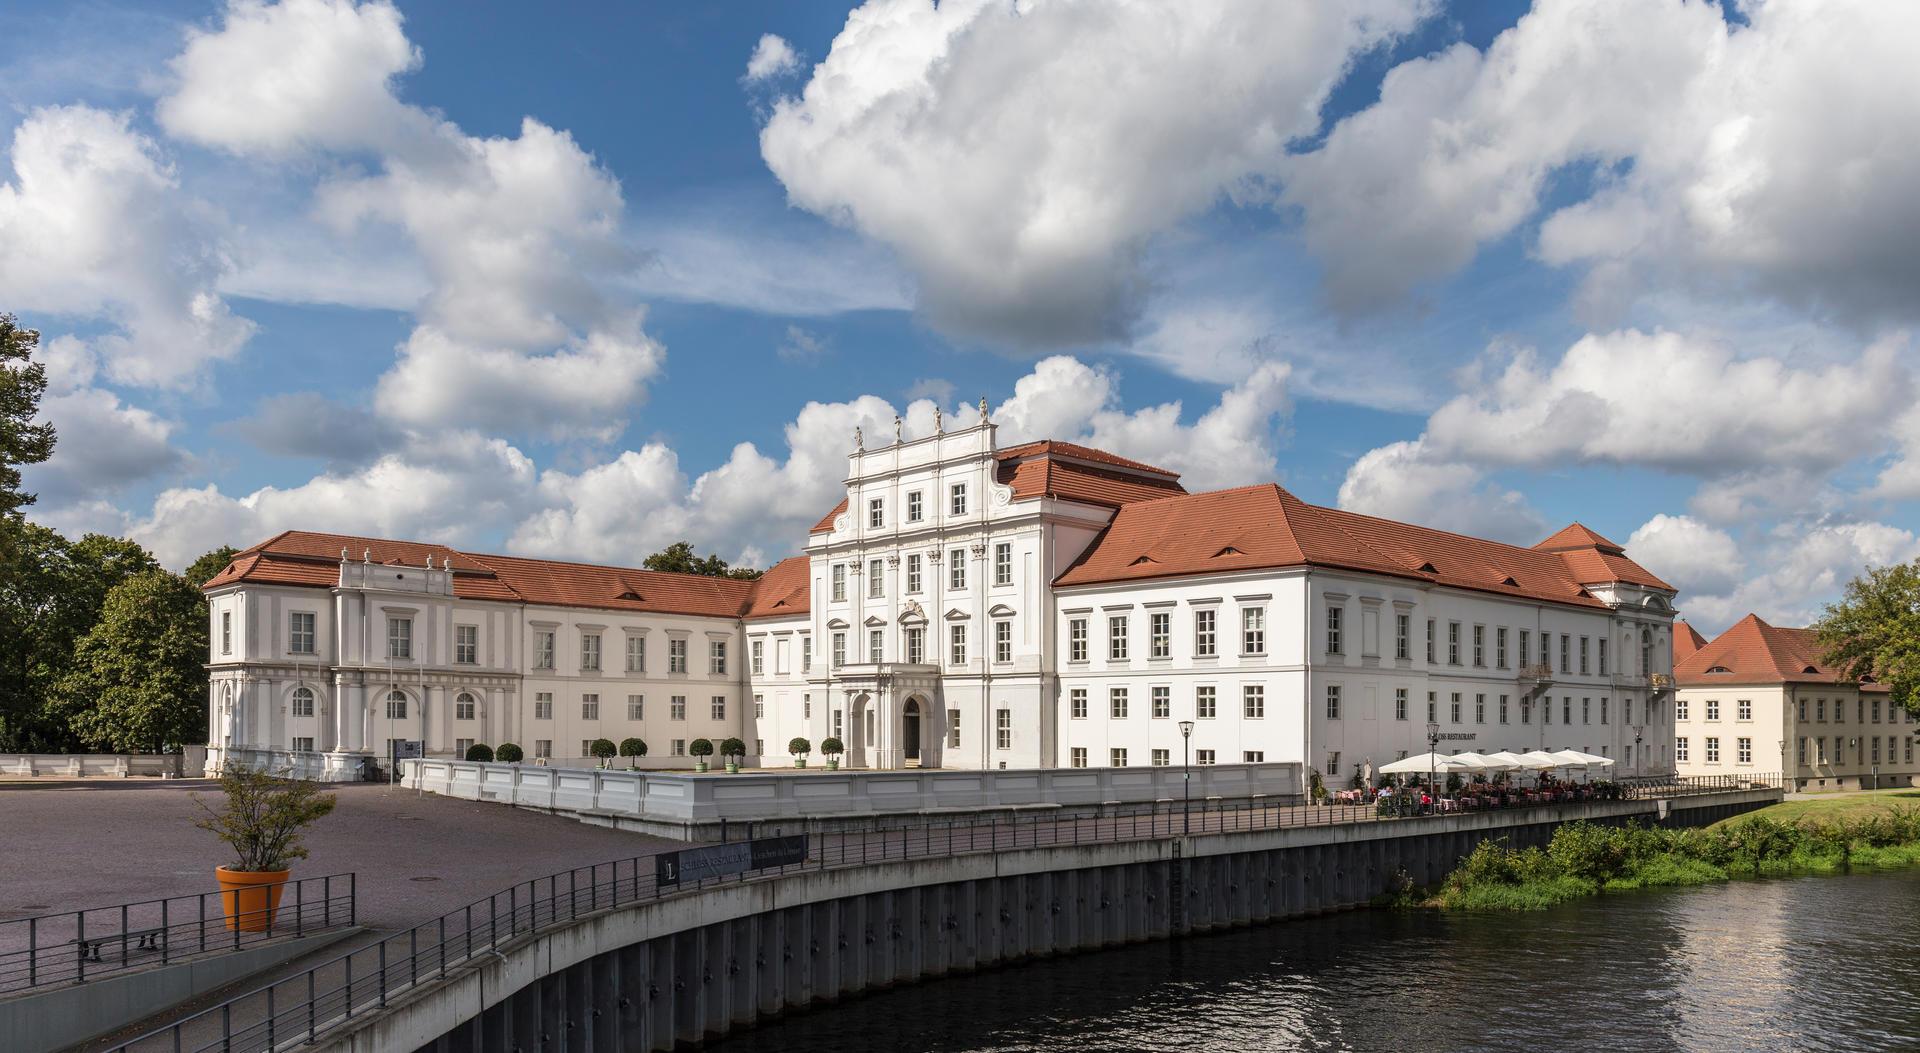 Stadtverwaltung Oranienburg